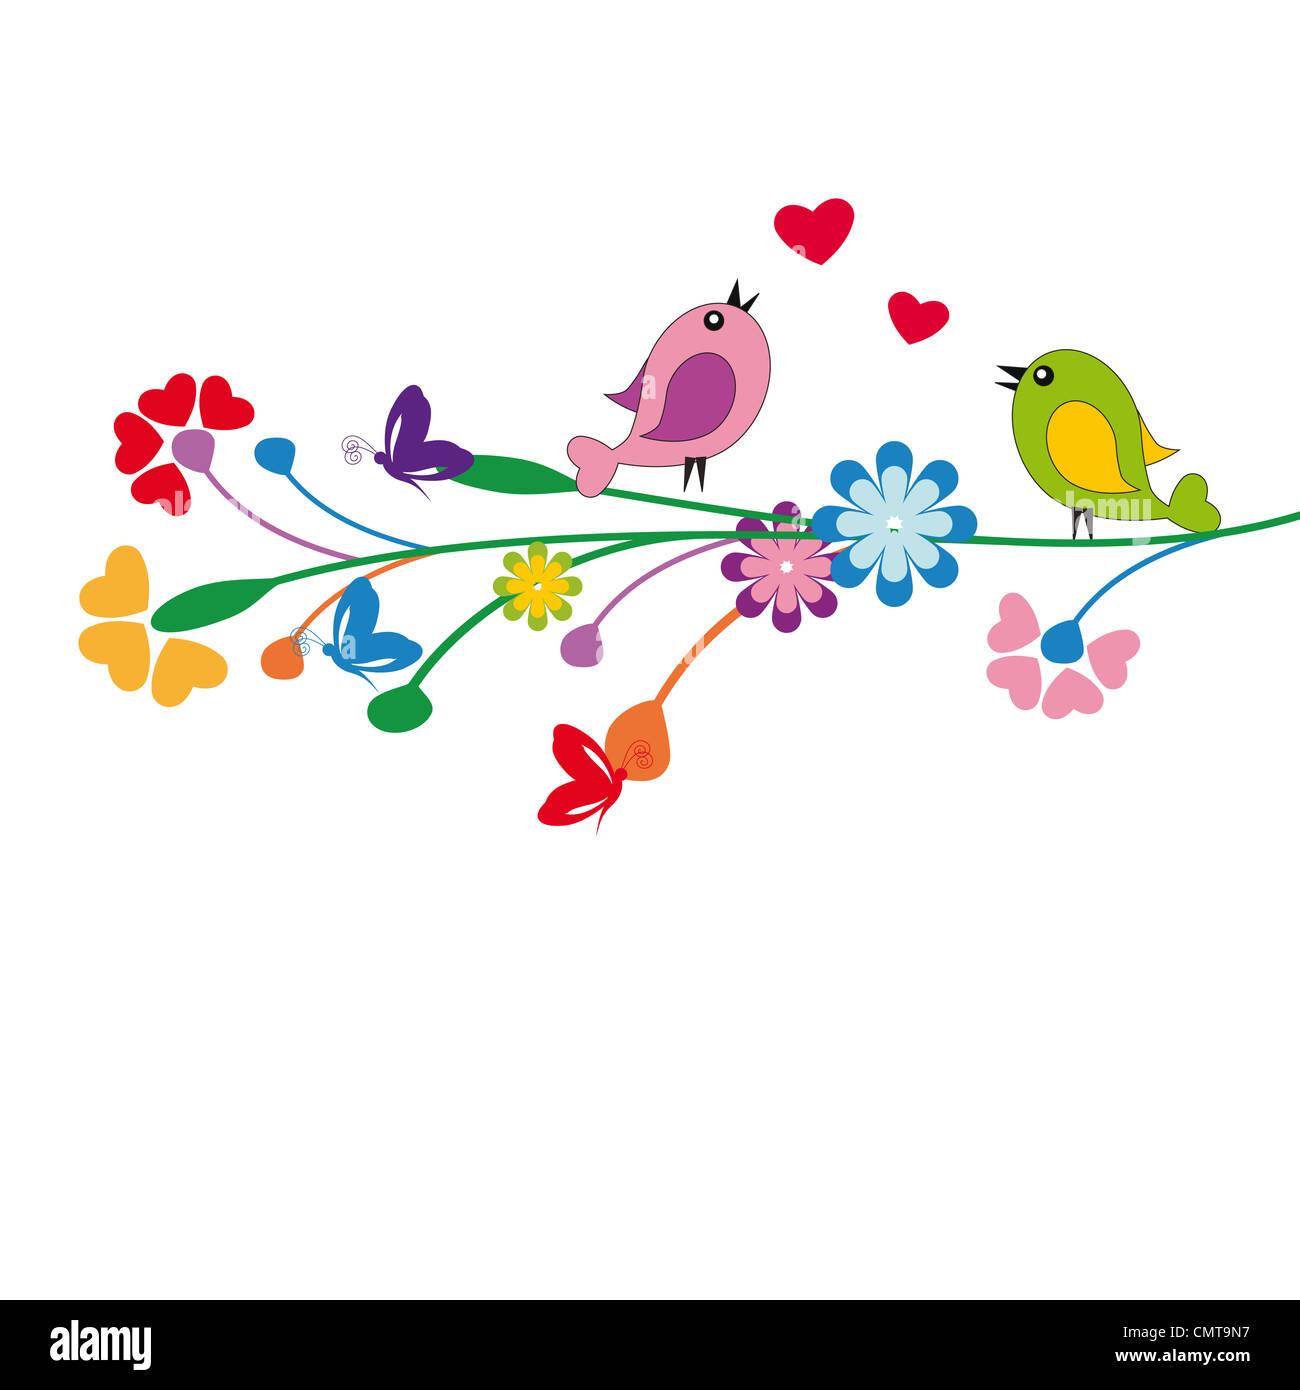 Niedlichen Kinder Cartoon mit Blumen und Vögel Stockbild